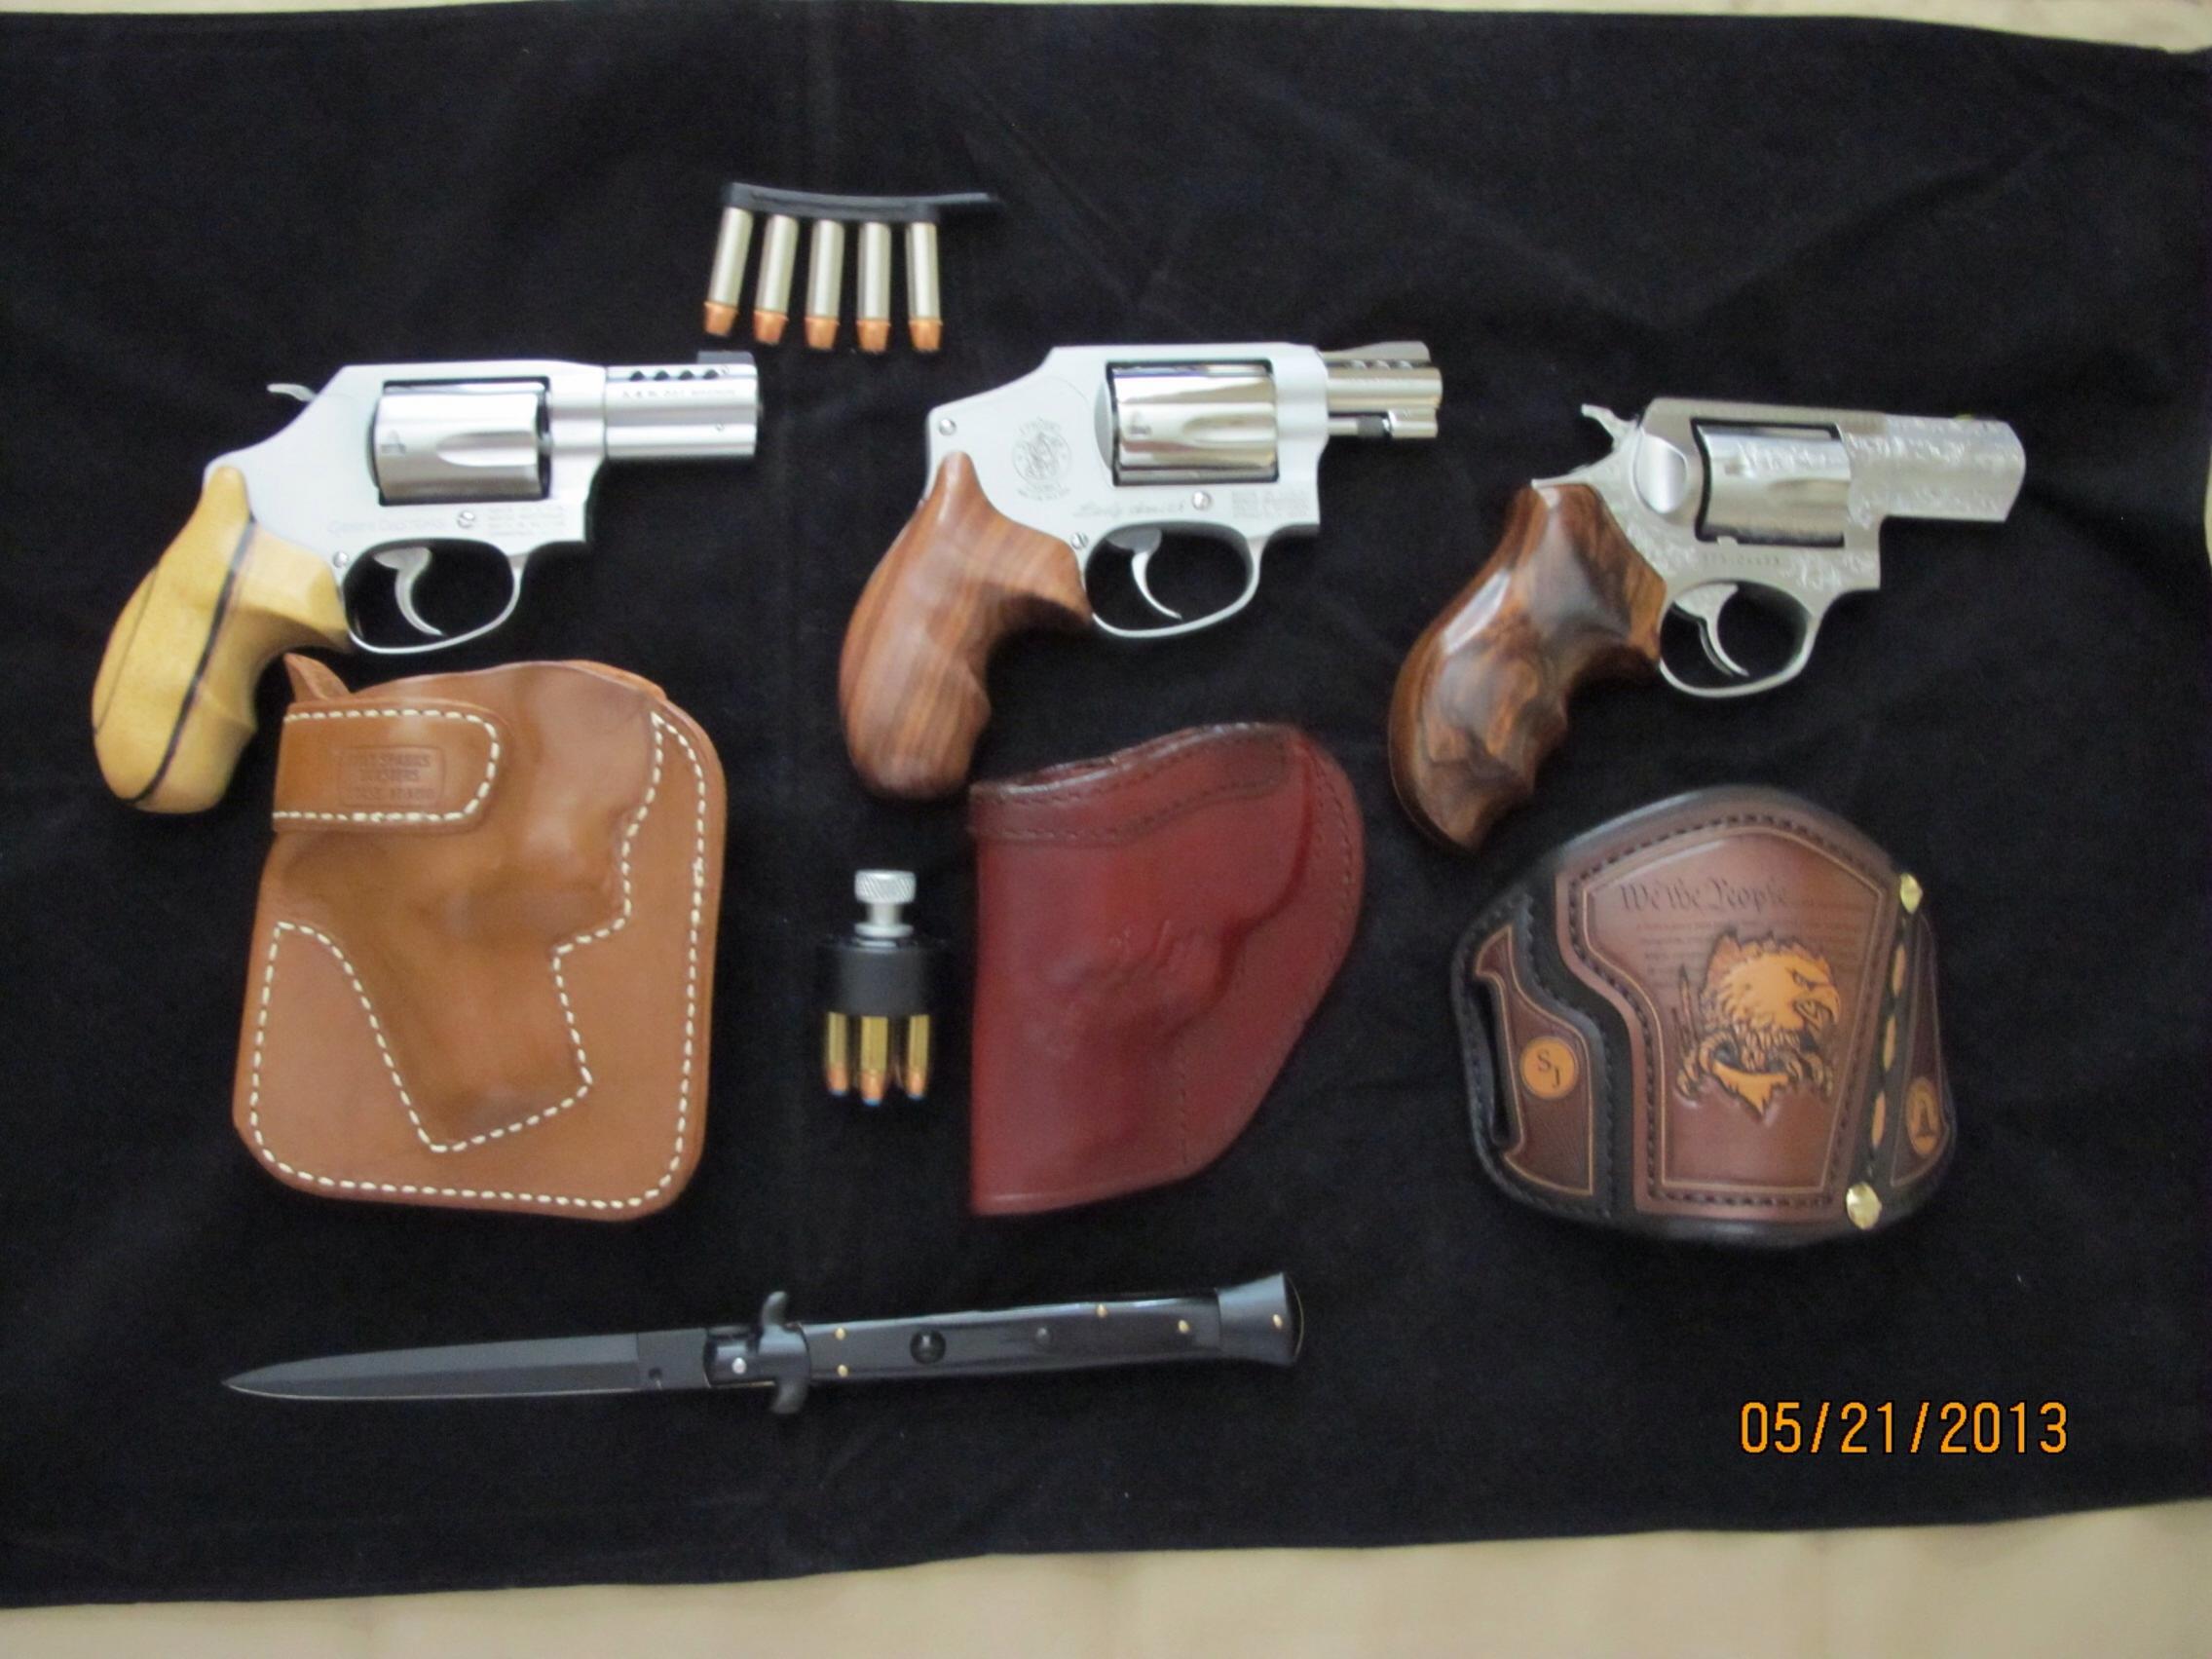 Same grips for different handguns?-image.jpg